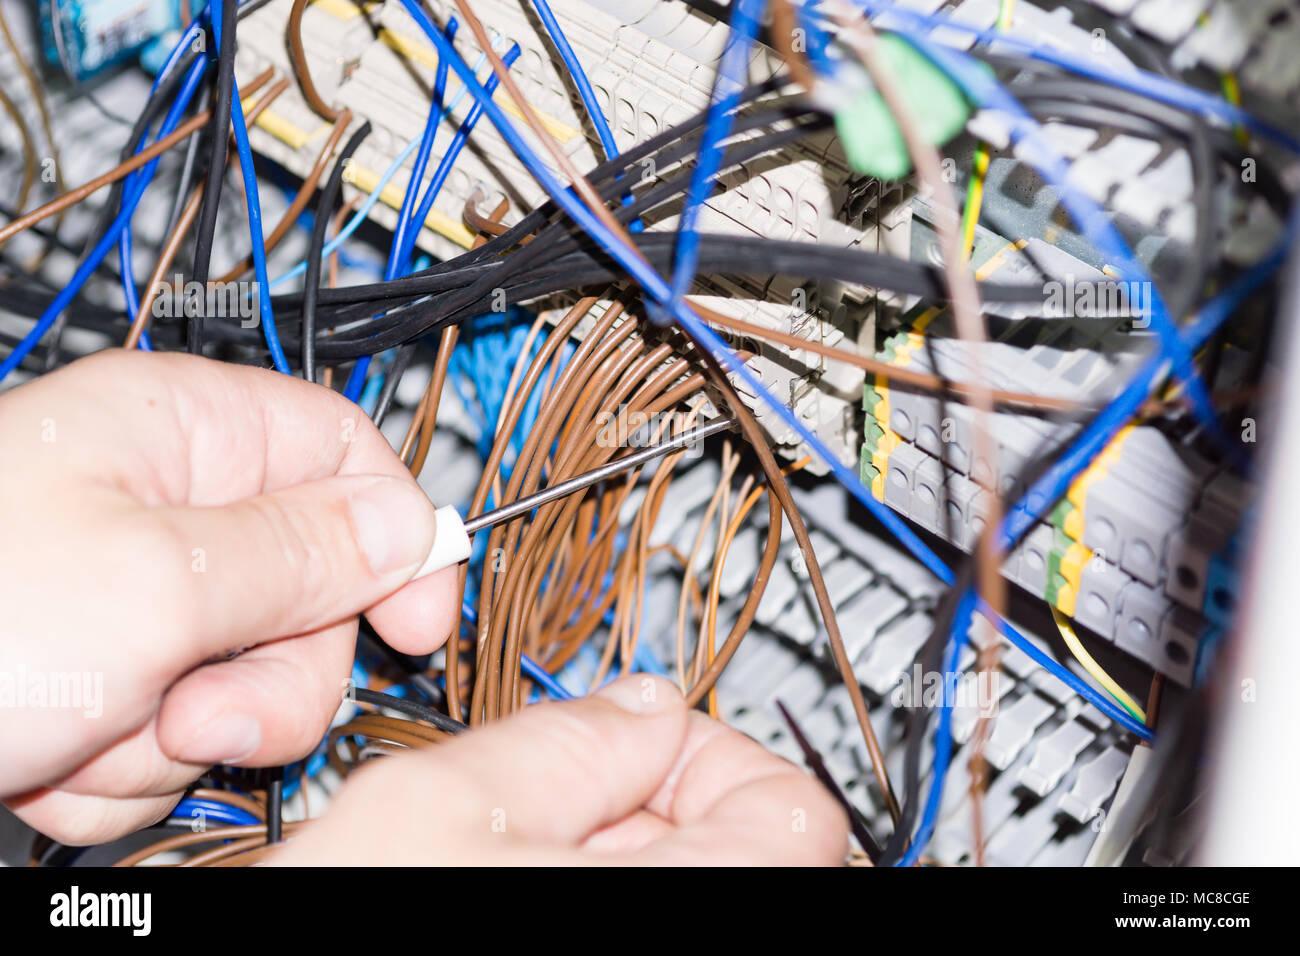 Ziemlich Wie Man Elektrische Schaltkasten Installiert Zeitgenössisch ...